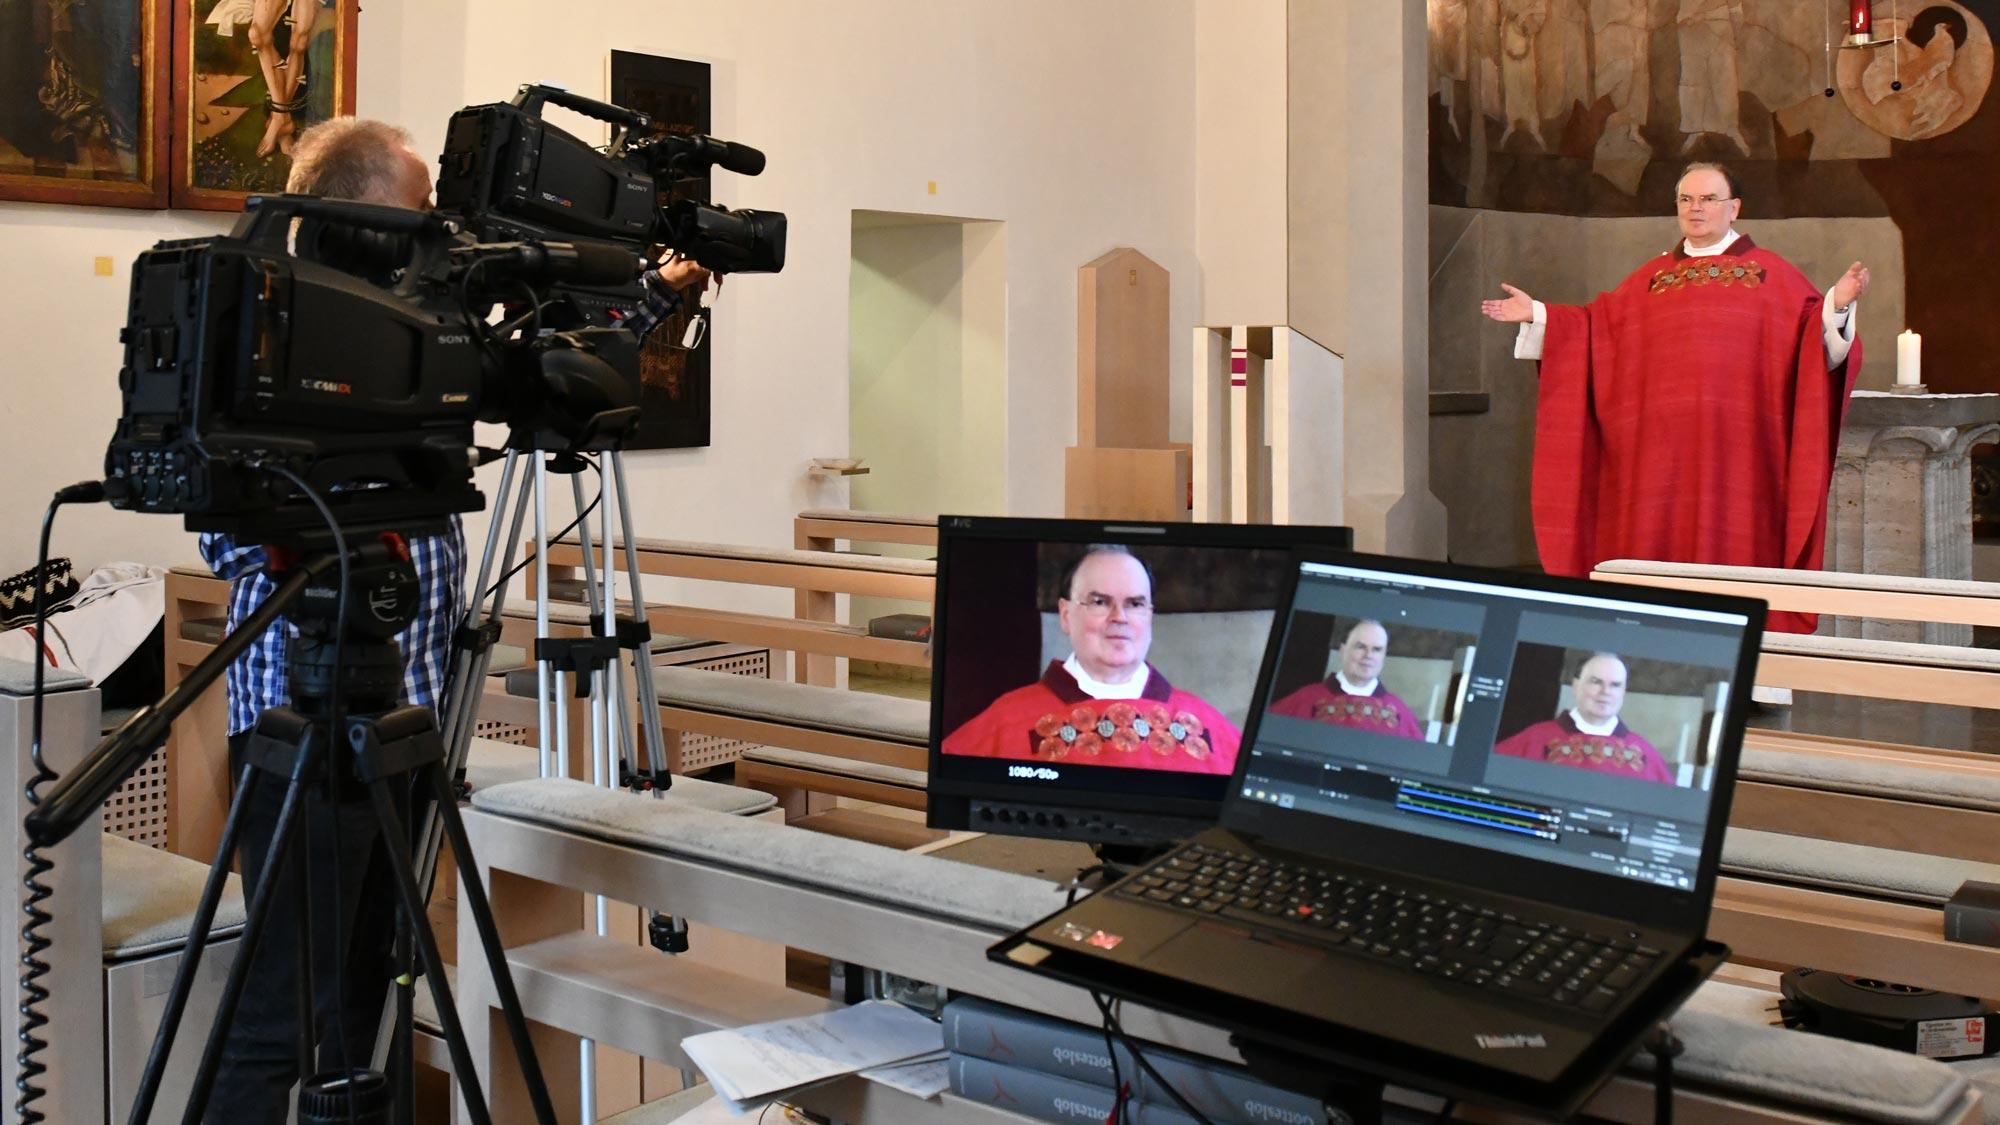 Auch der ernannte Bischof von Augsburg Dr. Bertram Meier überträgt täglich die Hl. Messe aus der Kapelle des Bischofshauses ins Internet (Foto: Daniel Jäckel / pba)